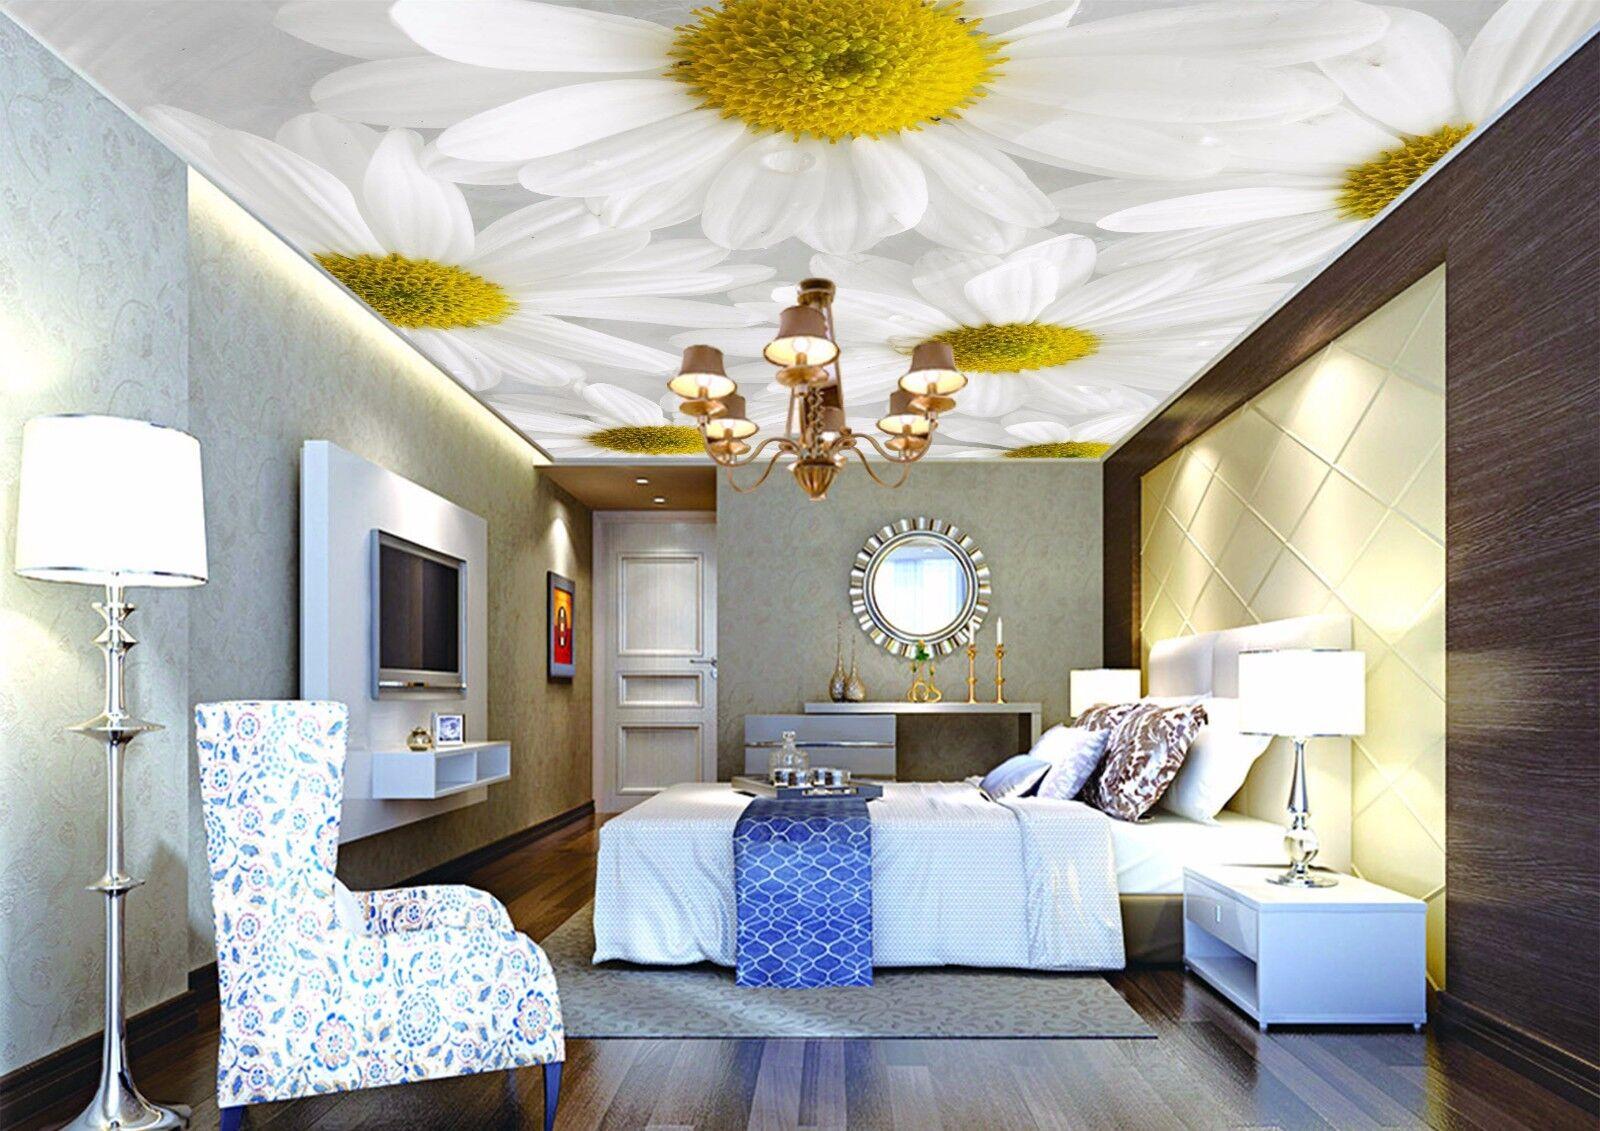 3D Petals Weiß 6 Ceiling WallPaper Murals Wall Print Decal Deco AJ WALLPAPER AU